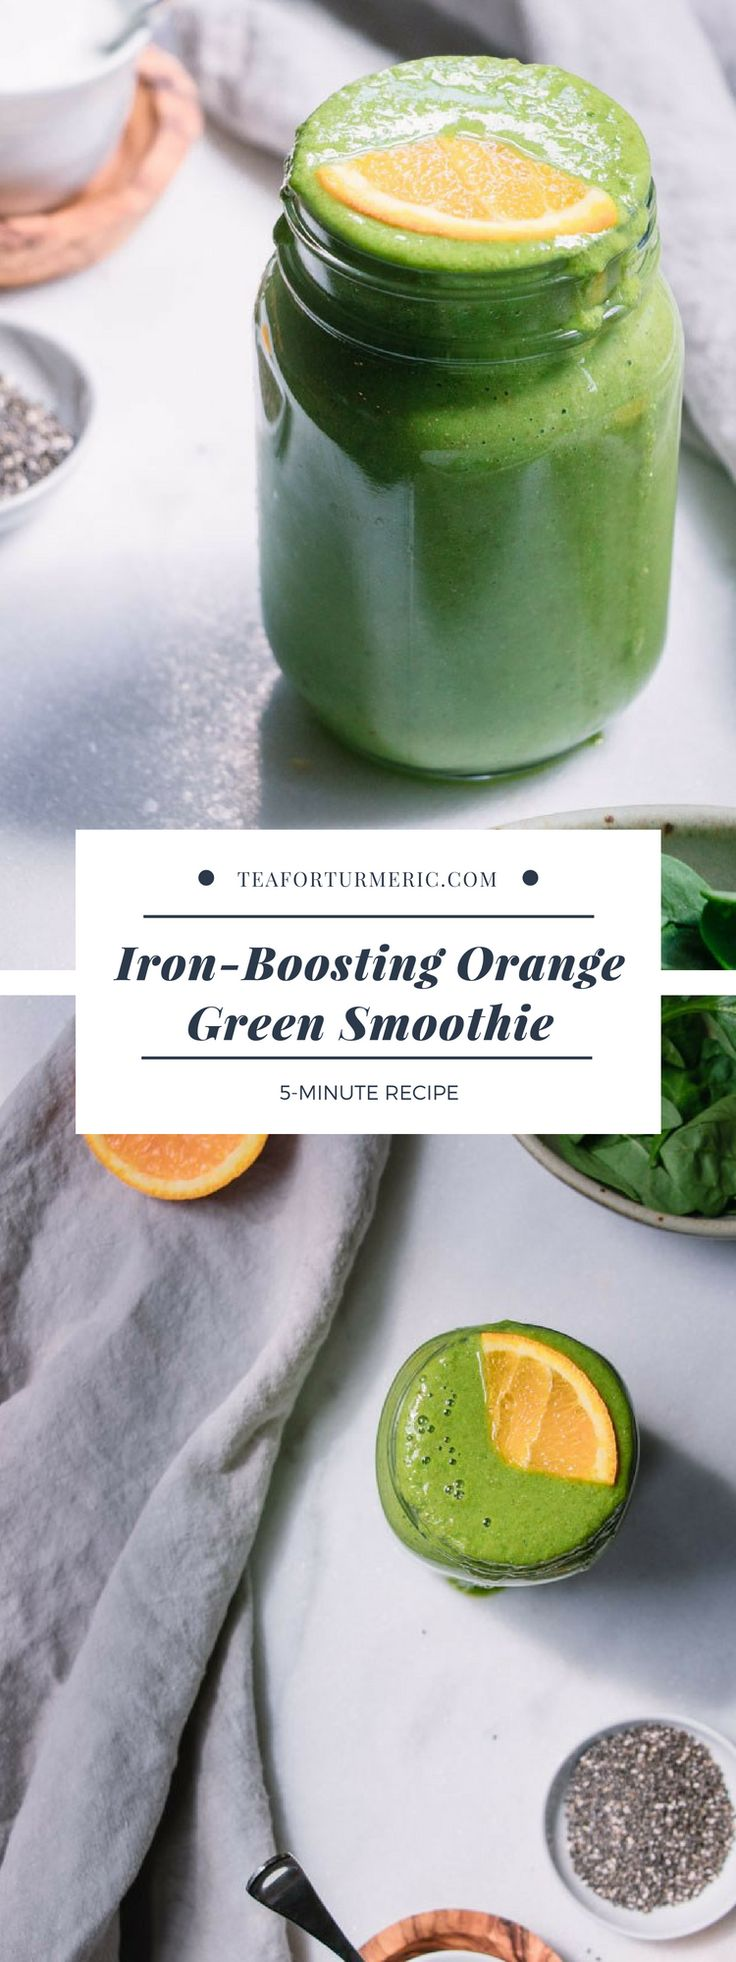 Eisenverstärkender orange-grüner Smoothie – Der beste Geschmack, die beste Textur und …   – smoothie